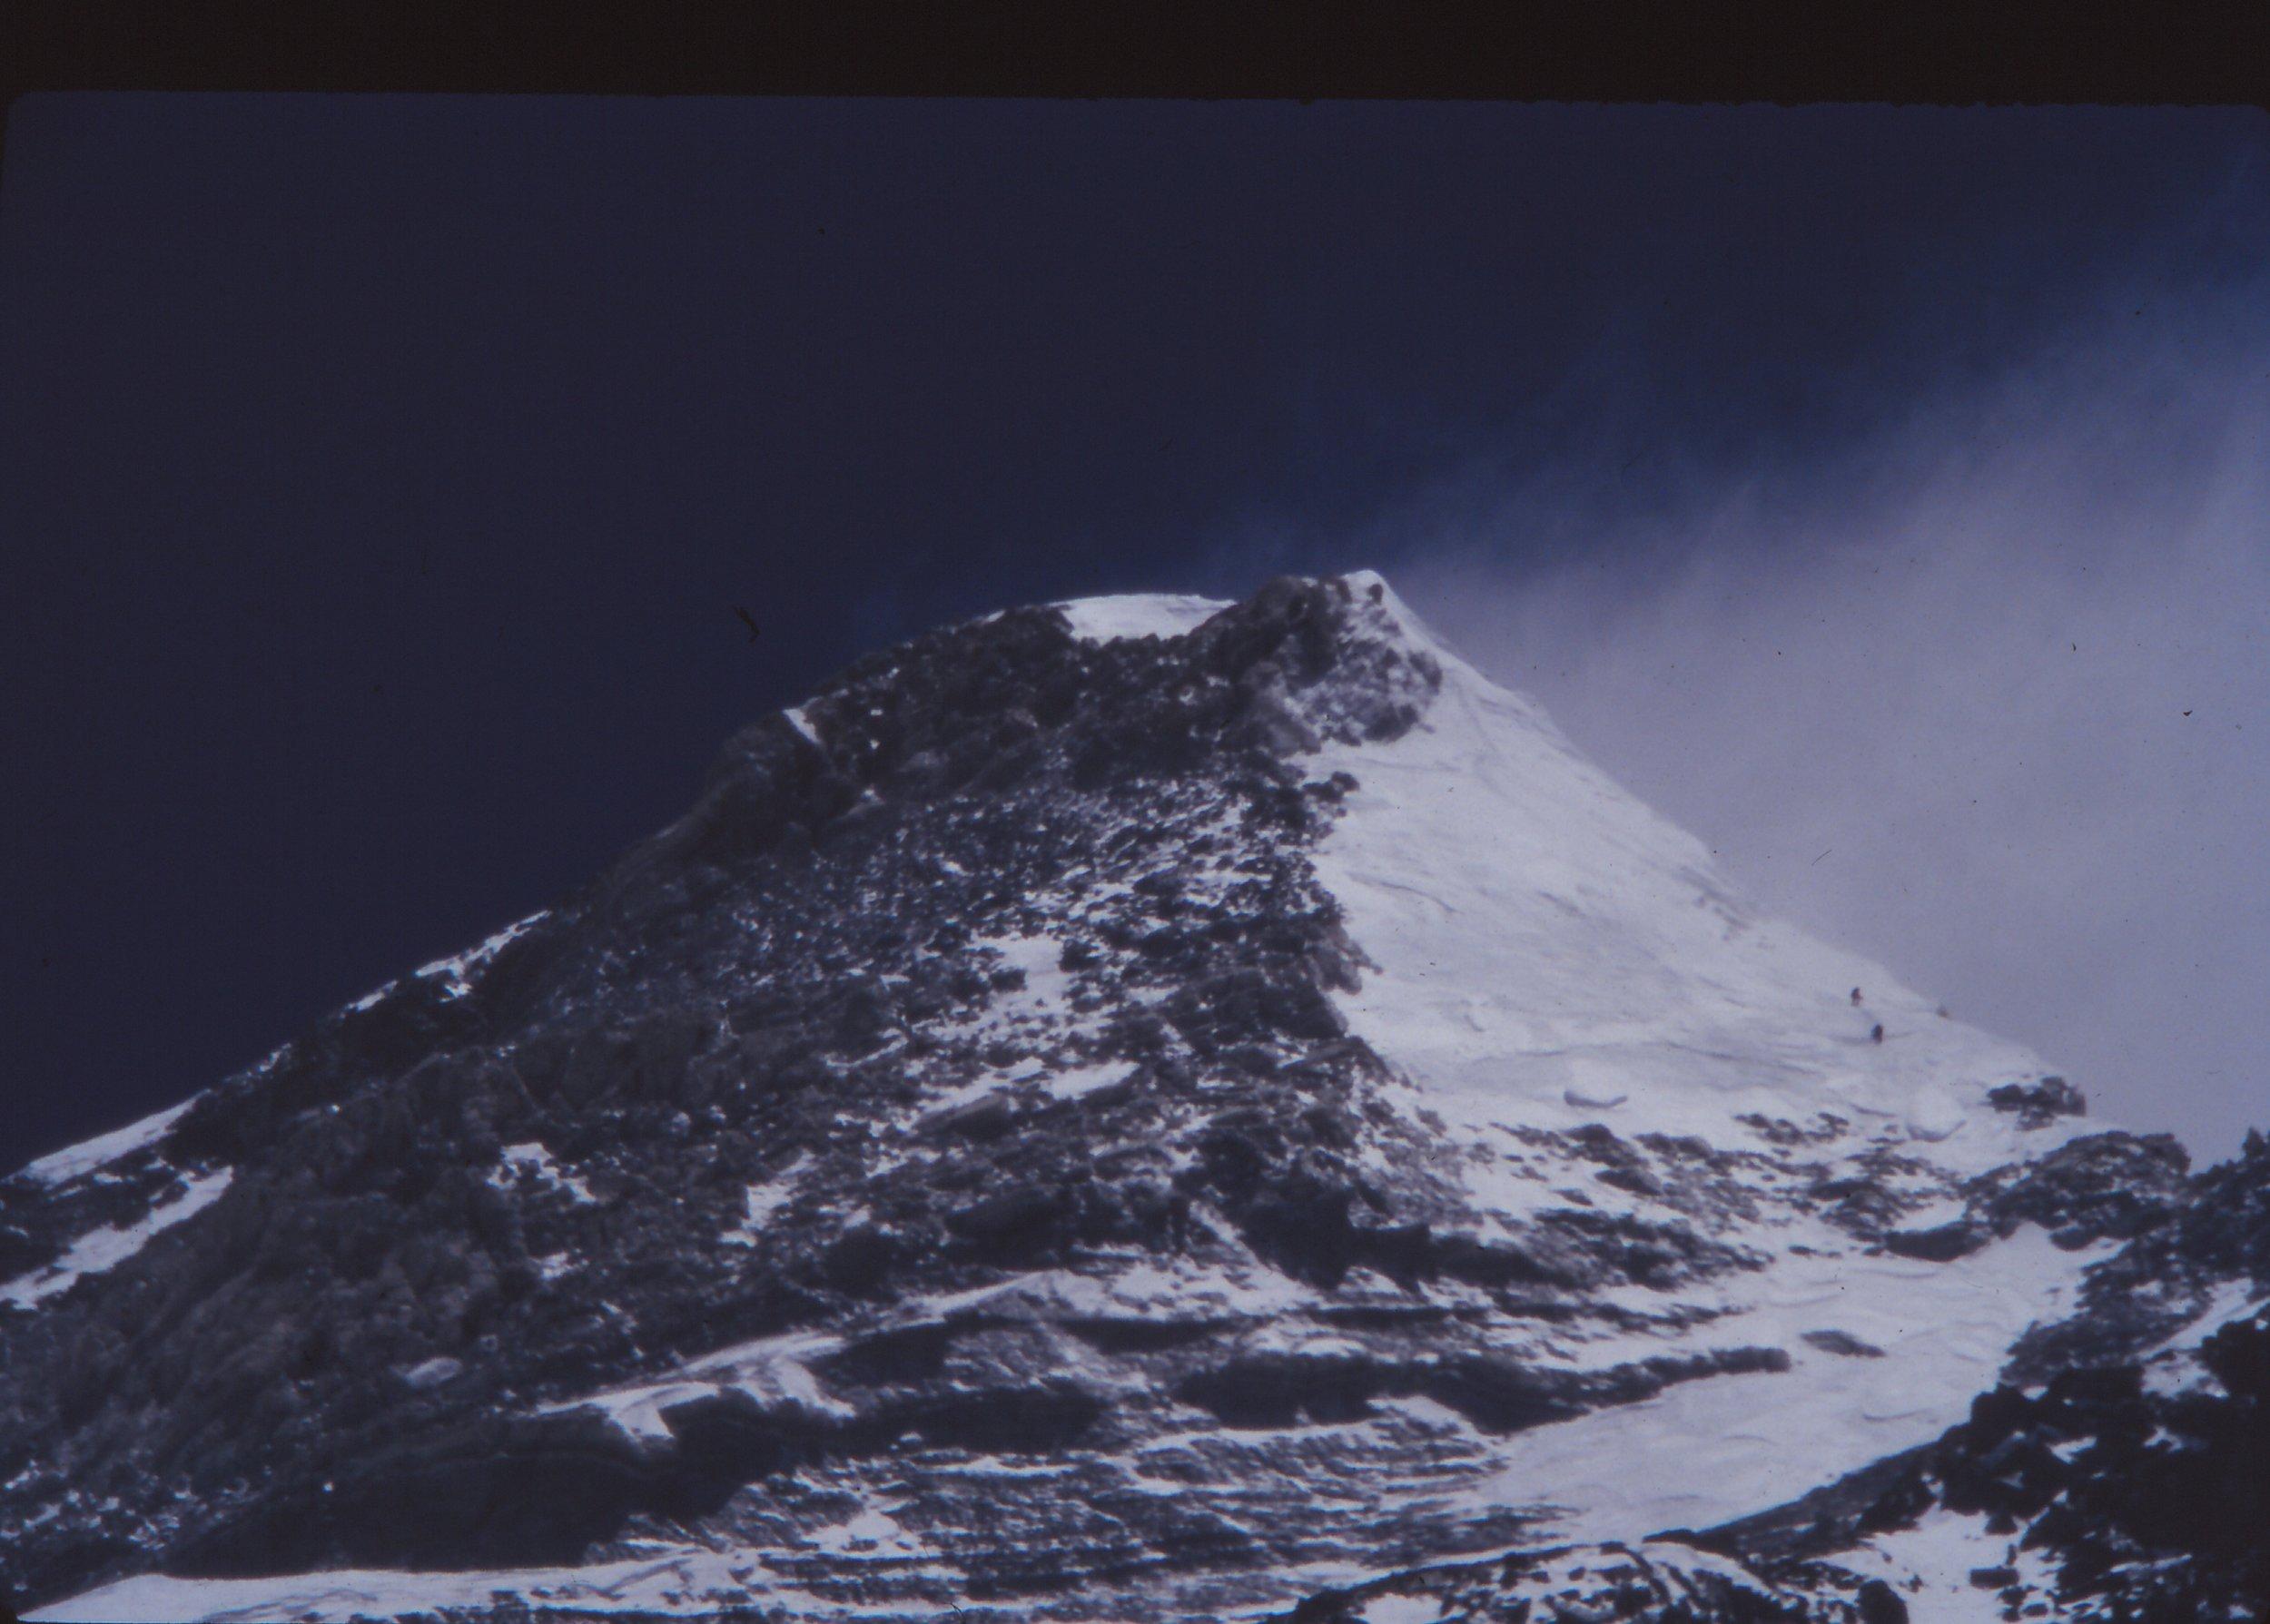 Everest-summit-97-greben.jpg